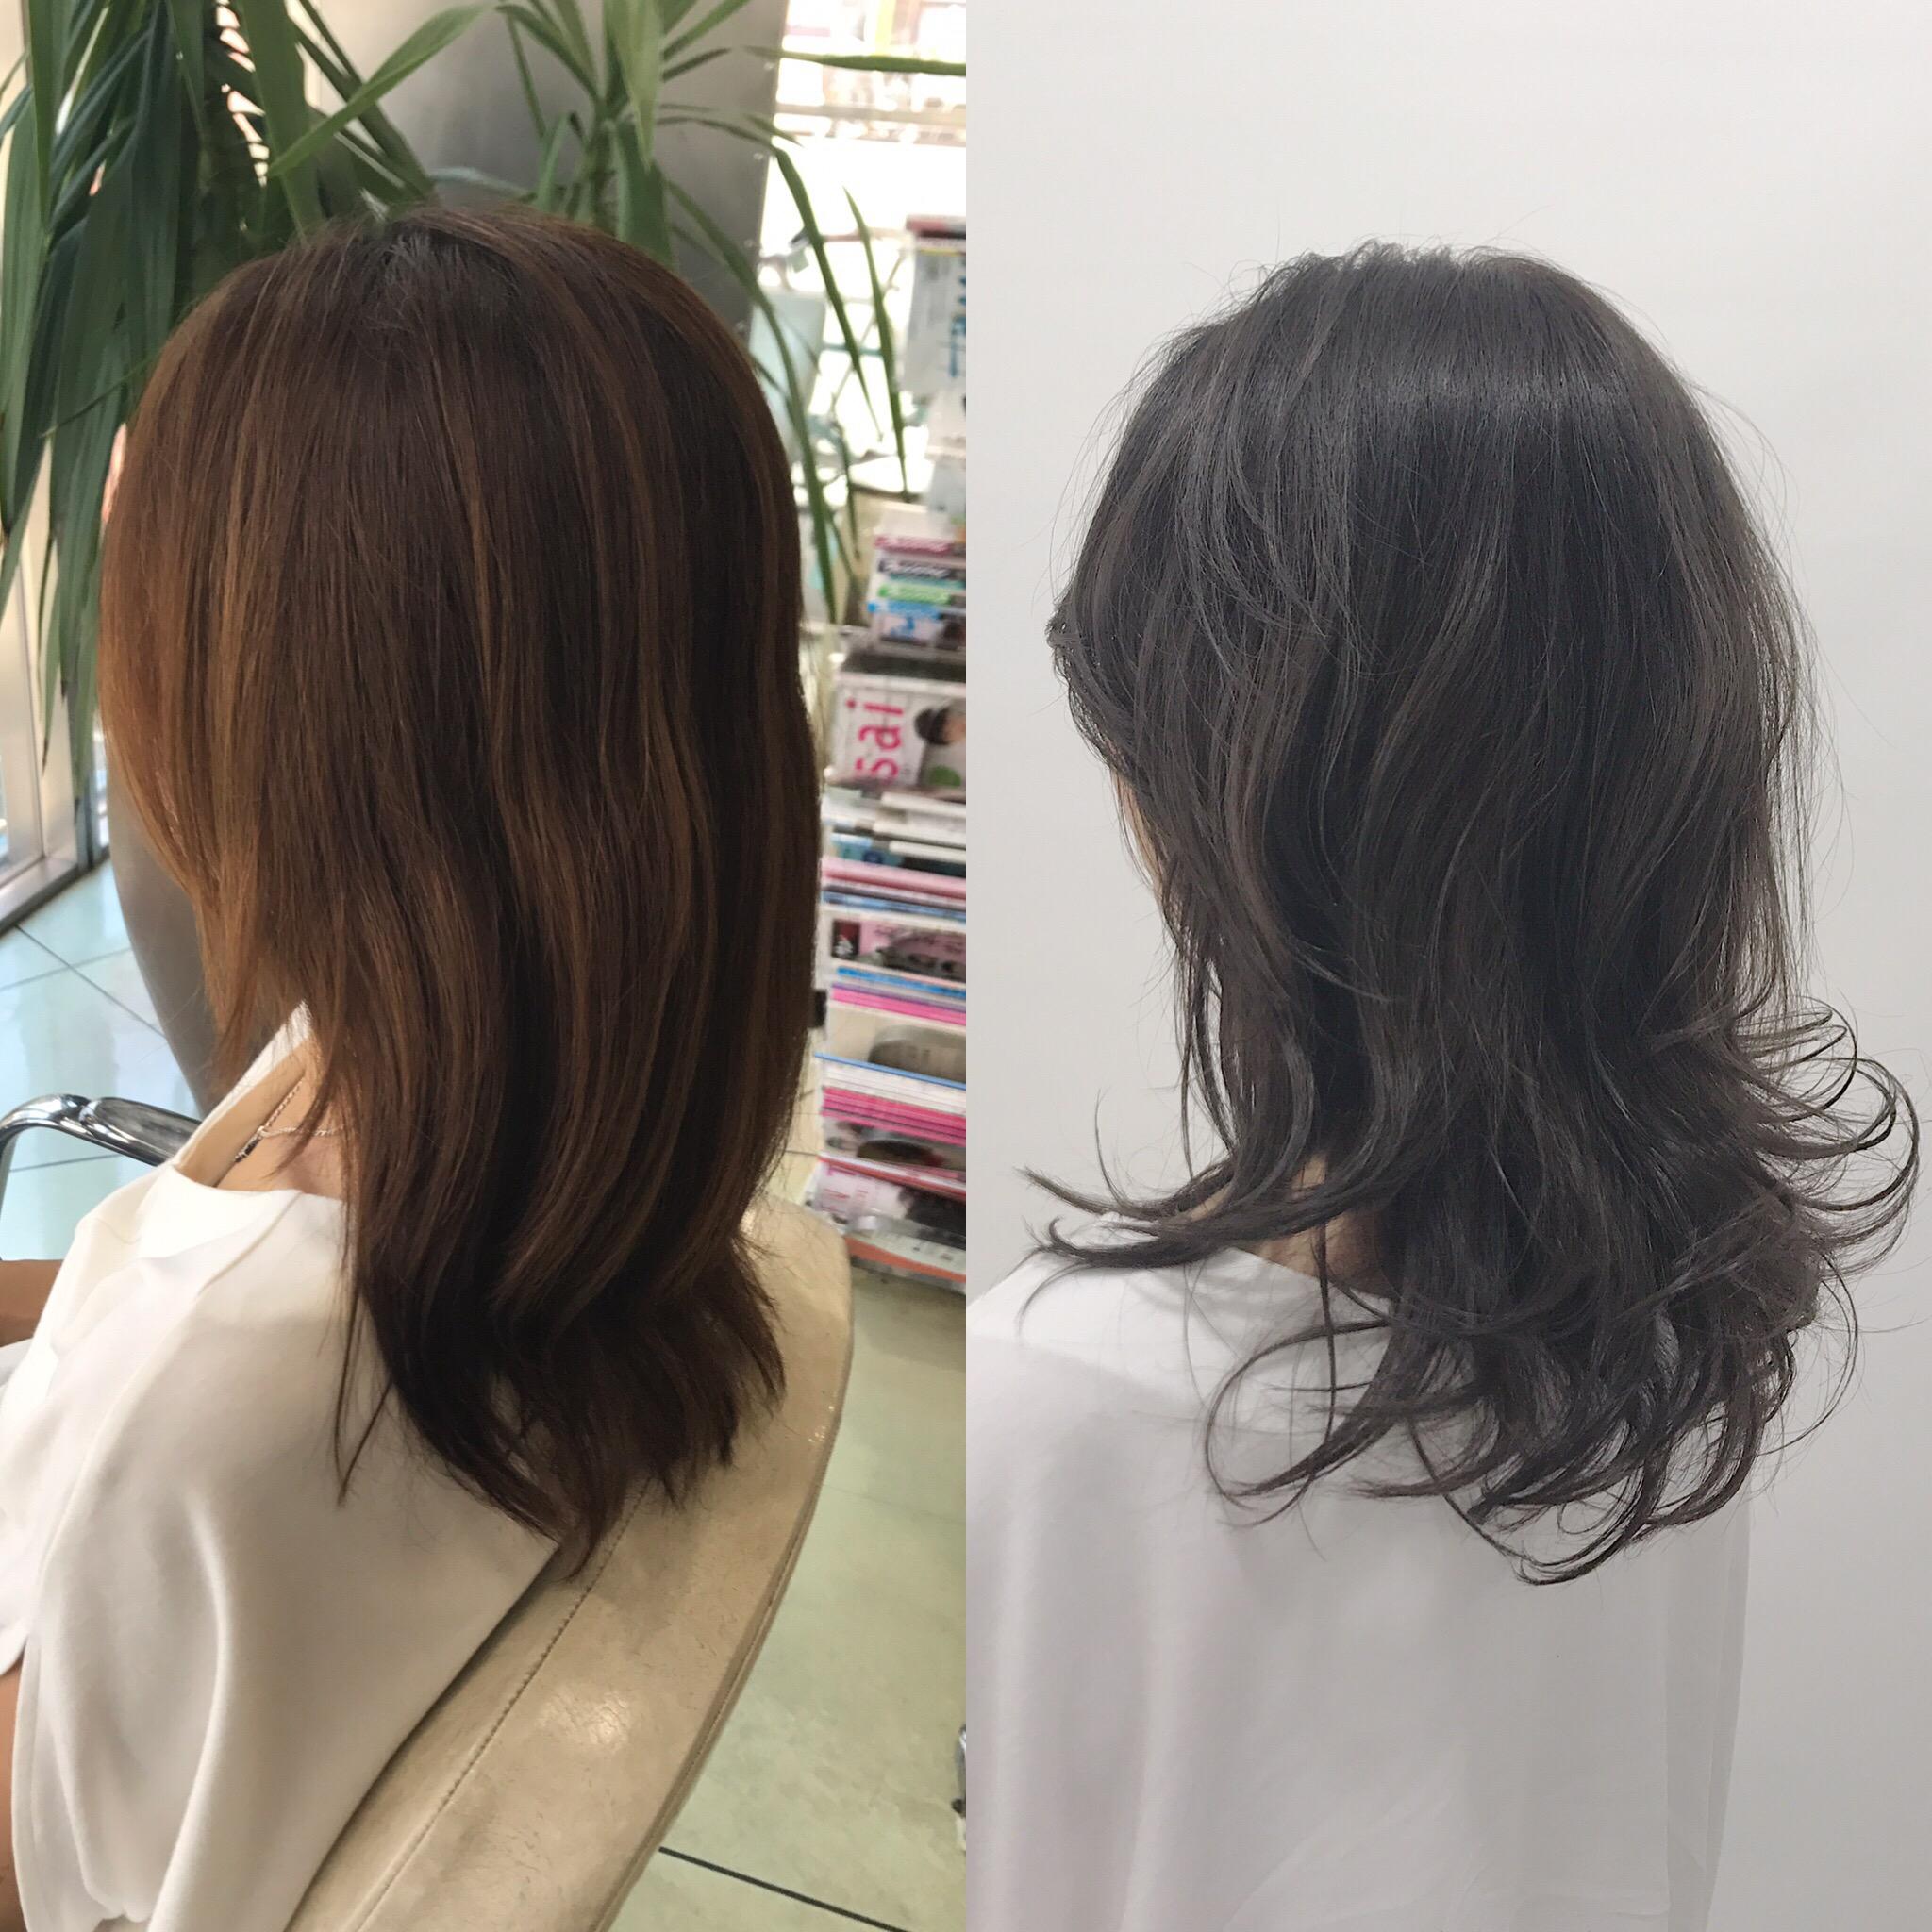 【色】【ツヤ】の効果は絶大!カラーとヘアケアの組合わせで気品ある雰囲気スタイルに!